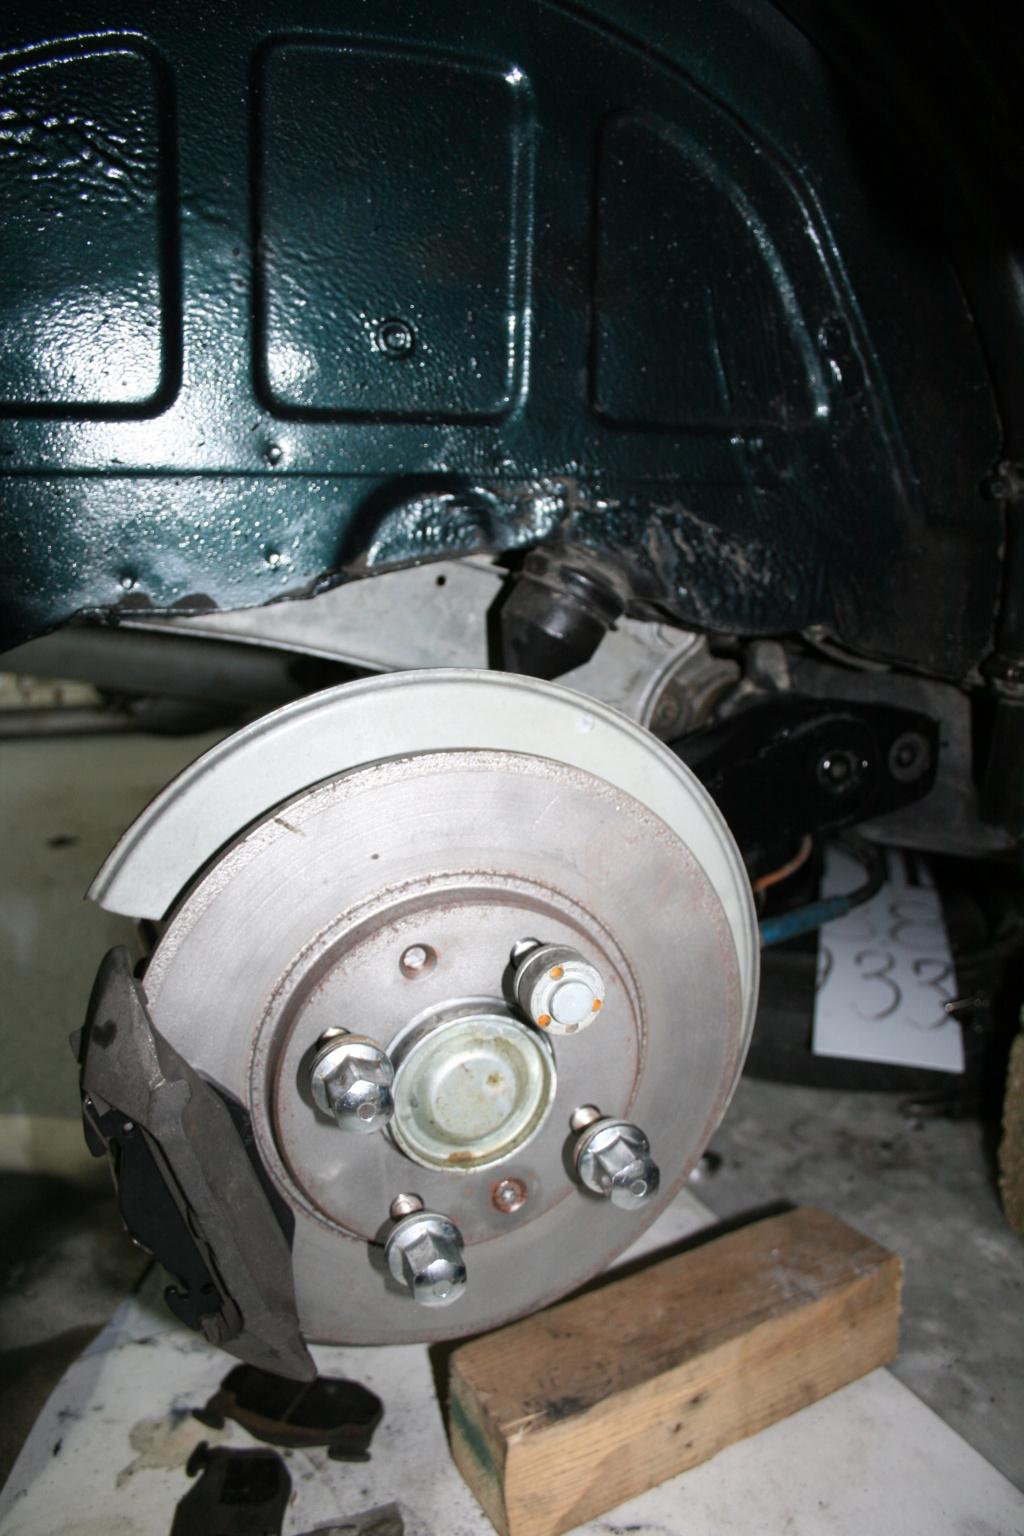 [58] 205 GTi 1L9 - 130cv - AM91 - Vert Sorrento - sous le soleil !!! - Page 2 Img_4111